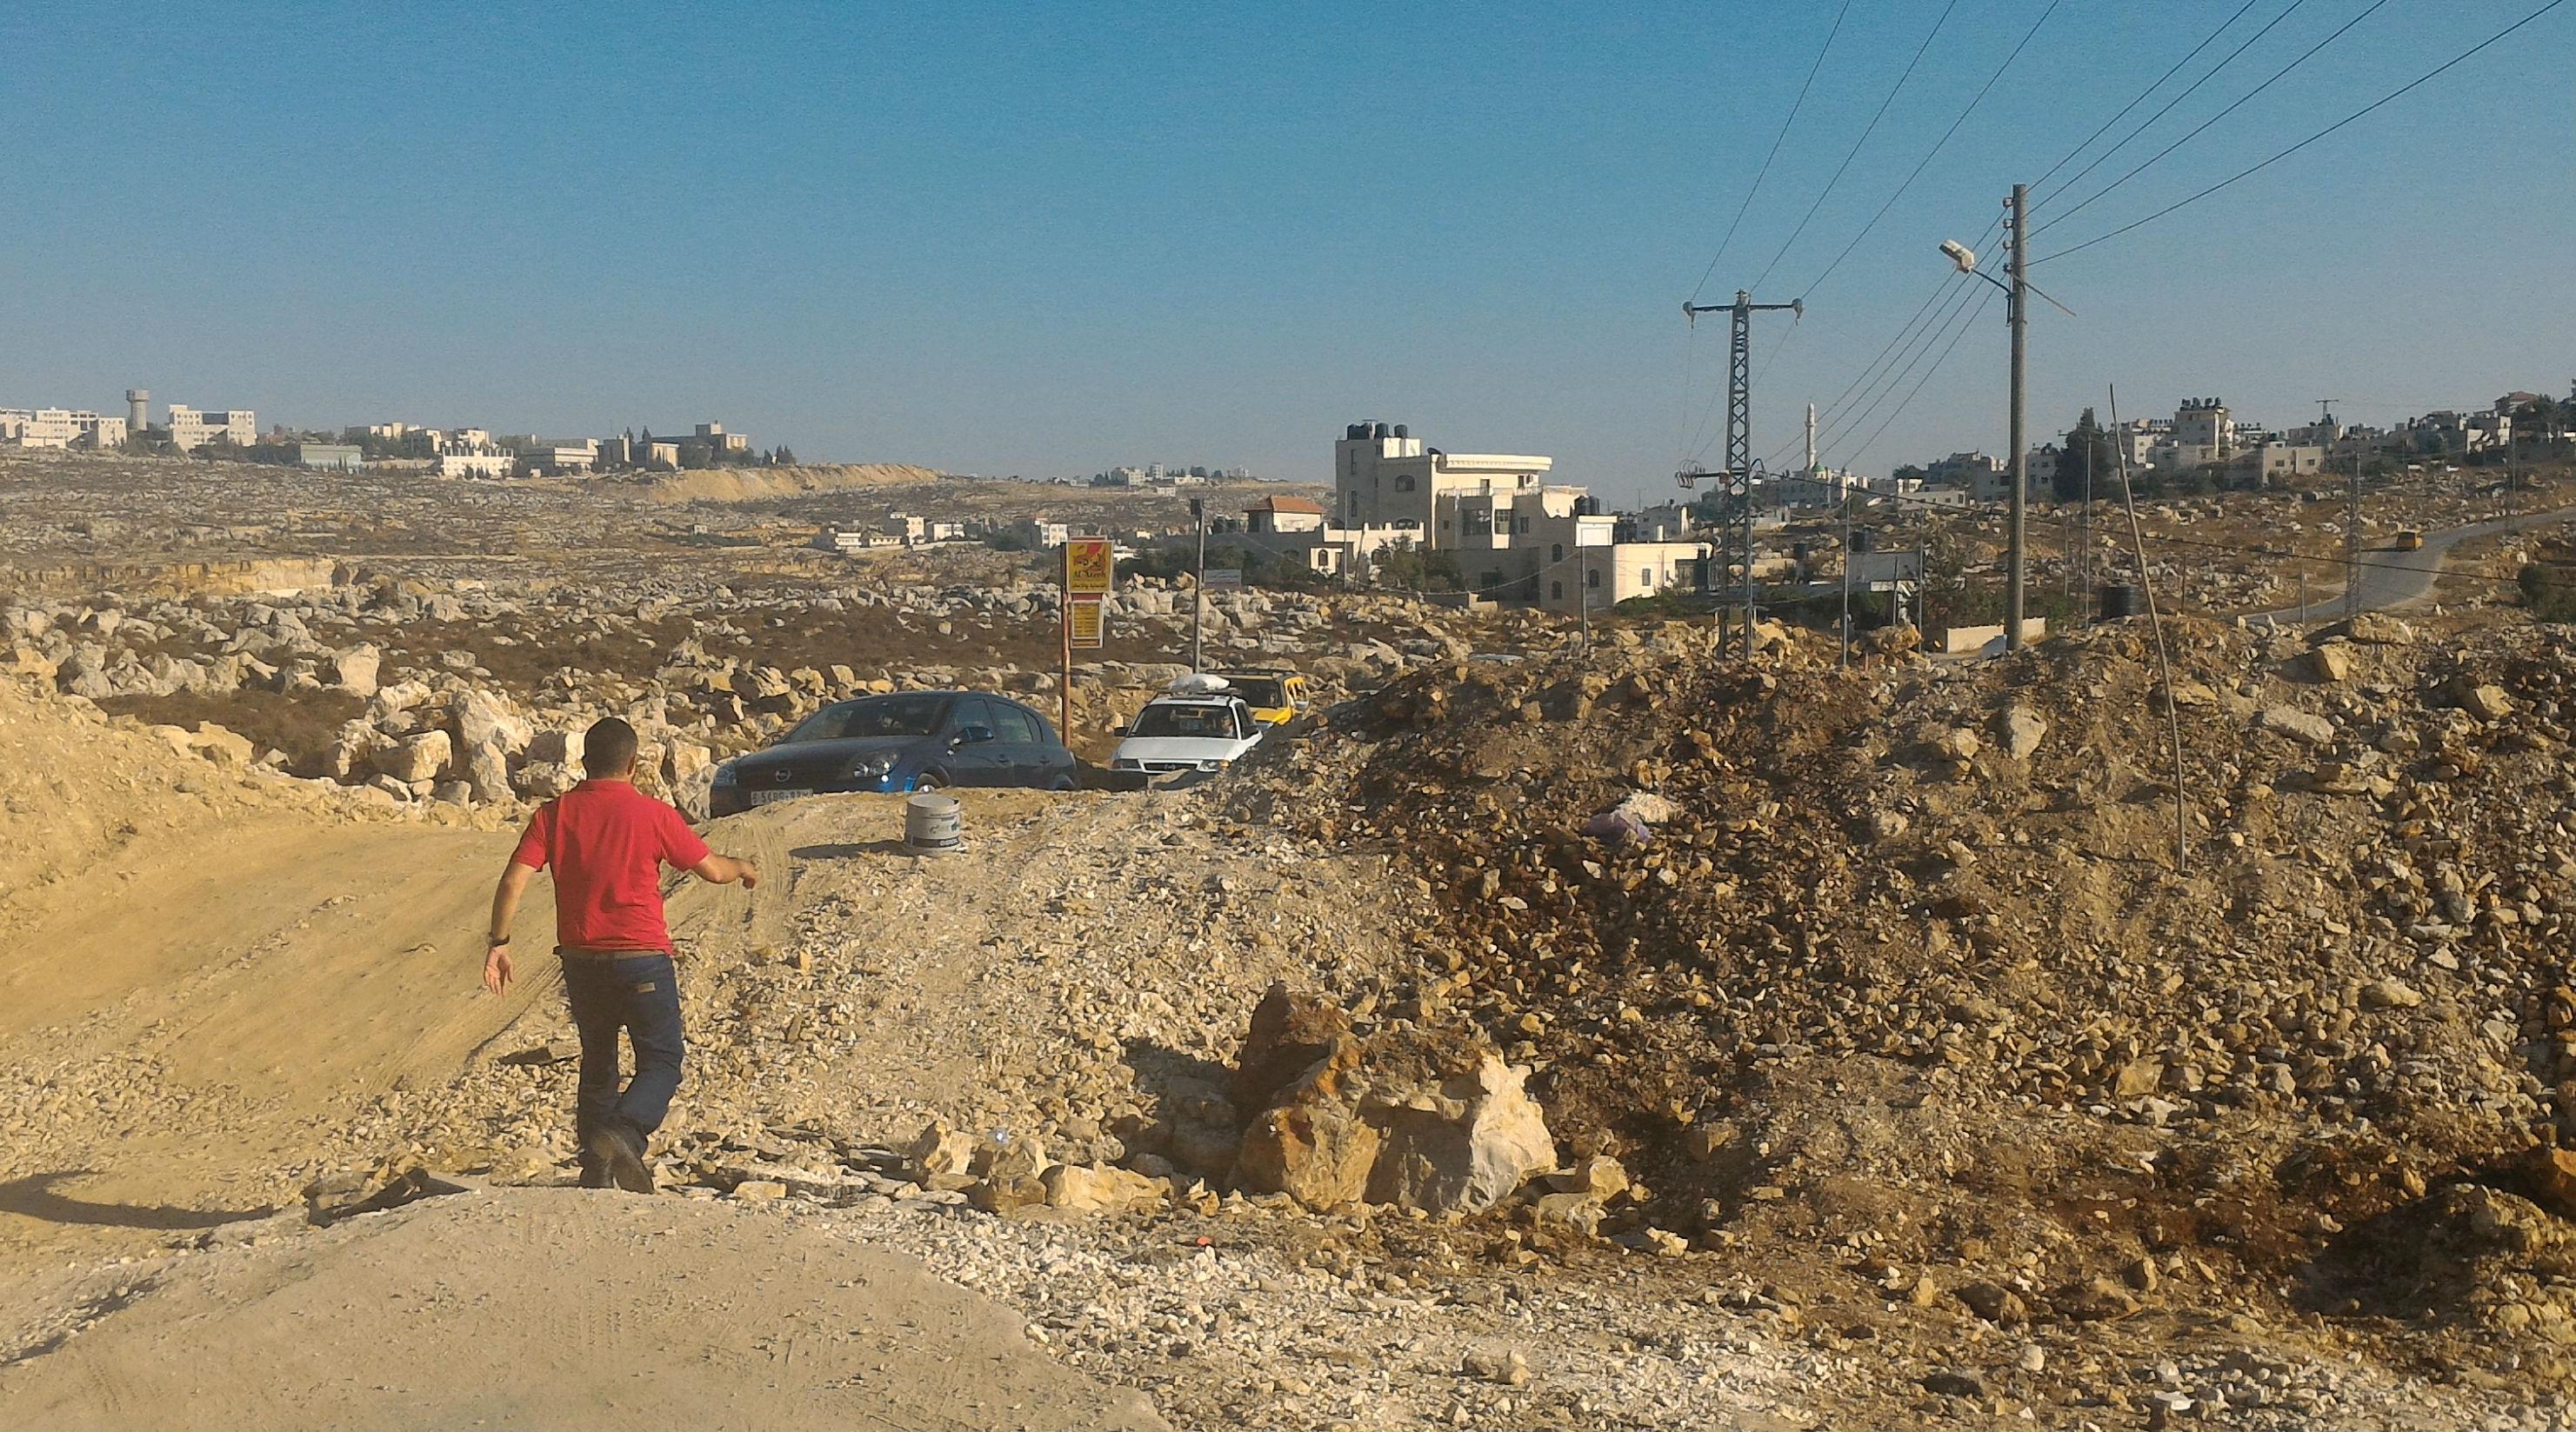 אחד המעברים שהצעירים פתחו בחסימה על הכביש בכובר. צילום, איאד חדאד, בצלם. 6.8.17.